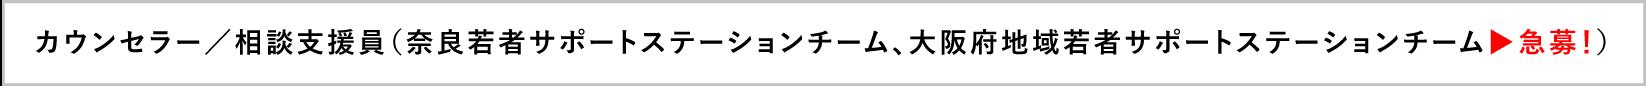 カウンセラー/相談支援員